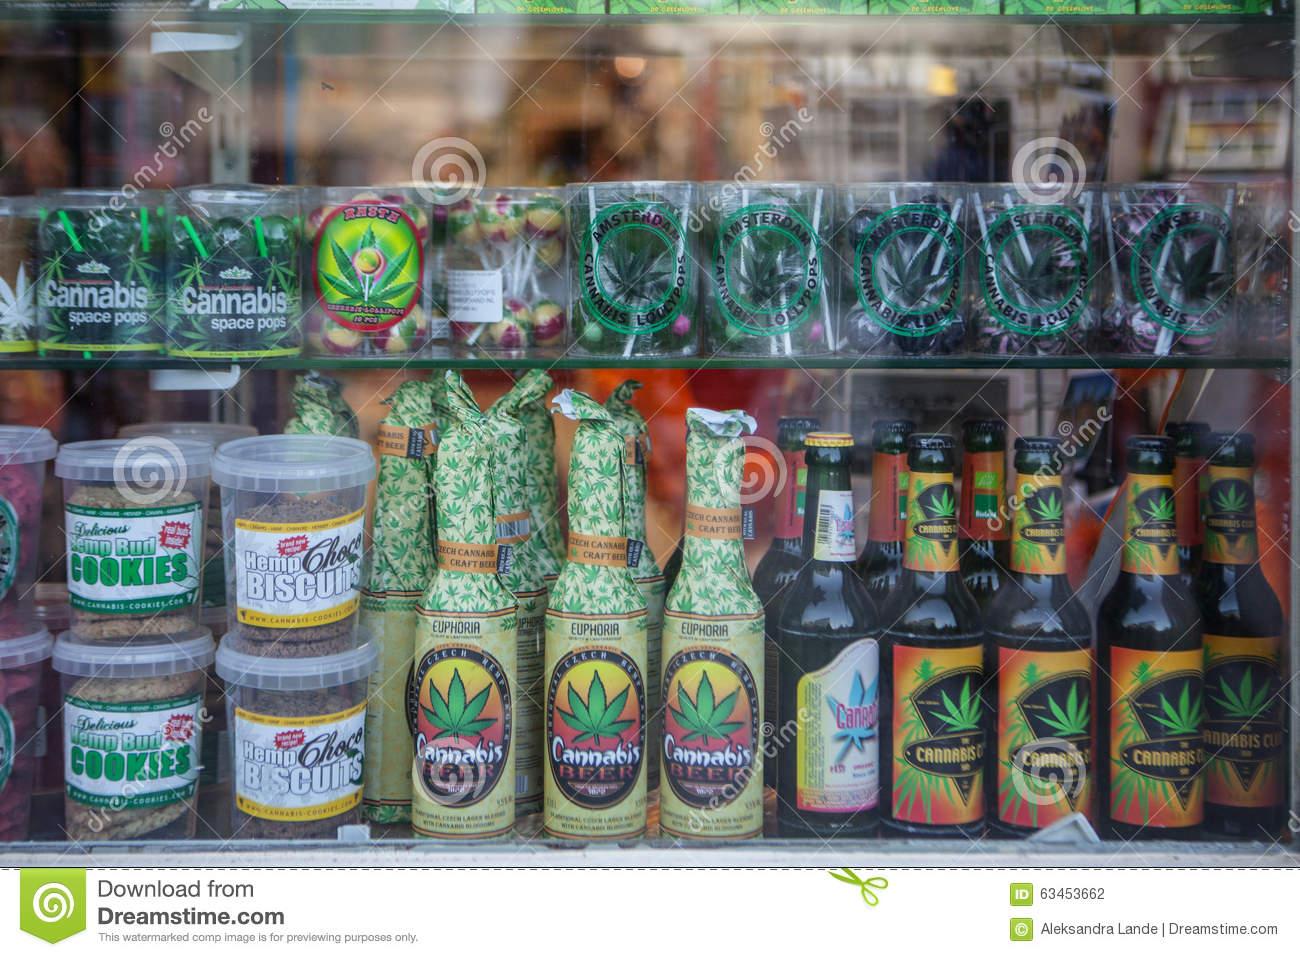 Голландія наркотики із печивом